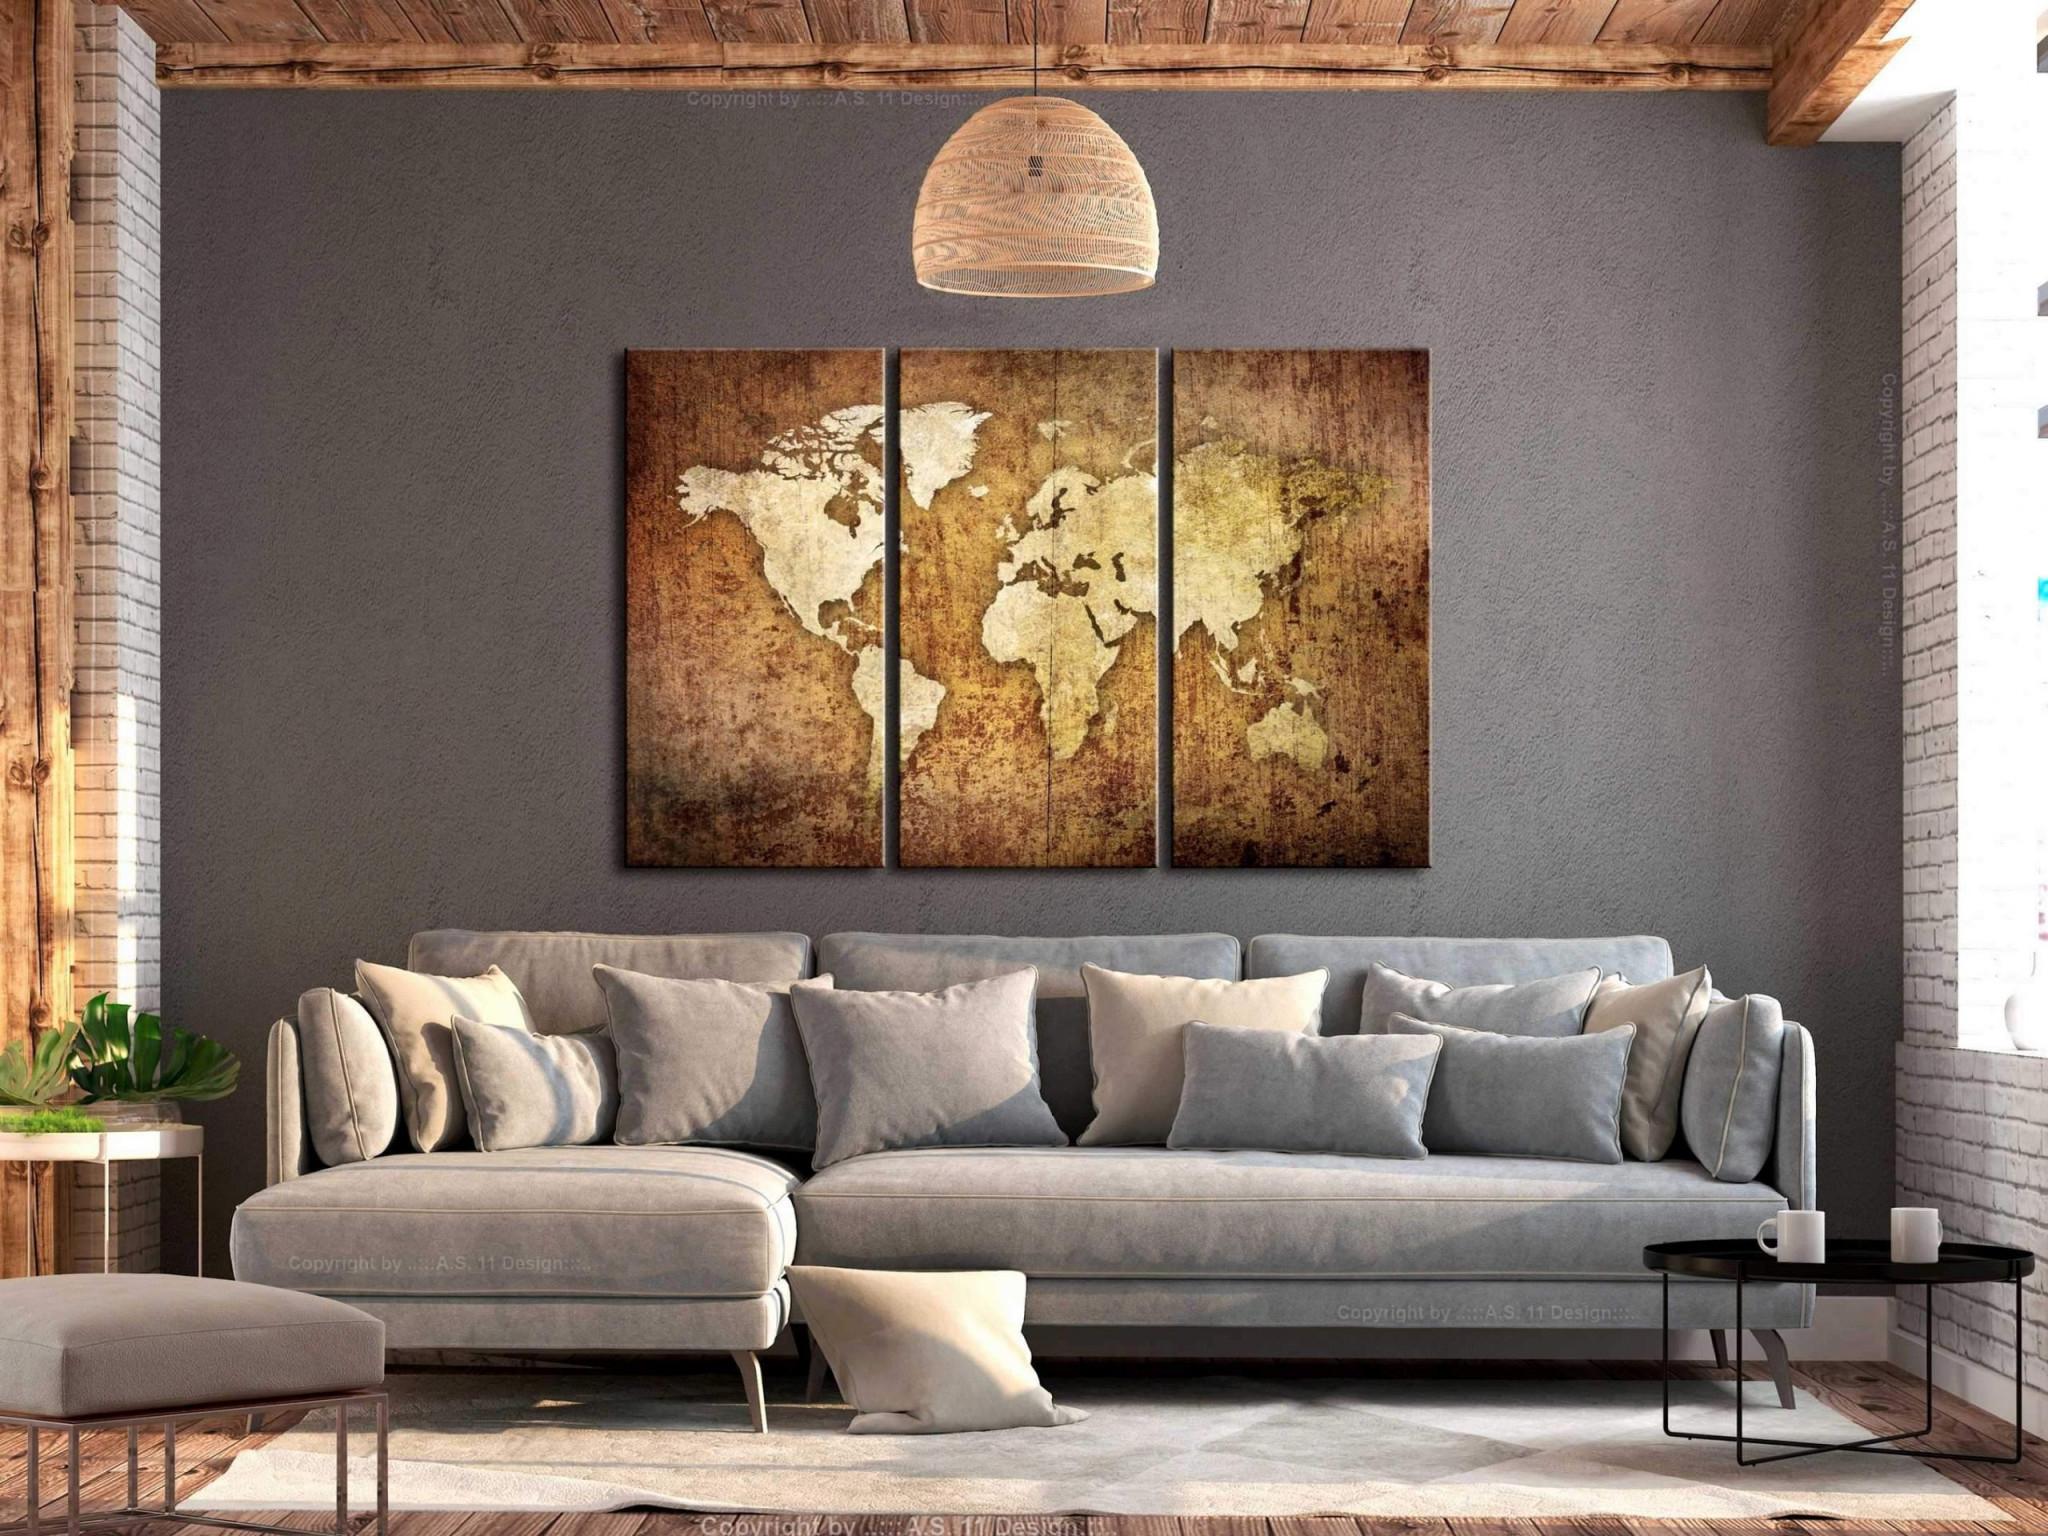 Wohnzimmer Leinwand Das Beste Von Wohnzimmer Leinwand von Wohnzimmer Bilder Leinwand Photo